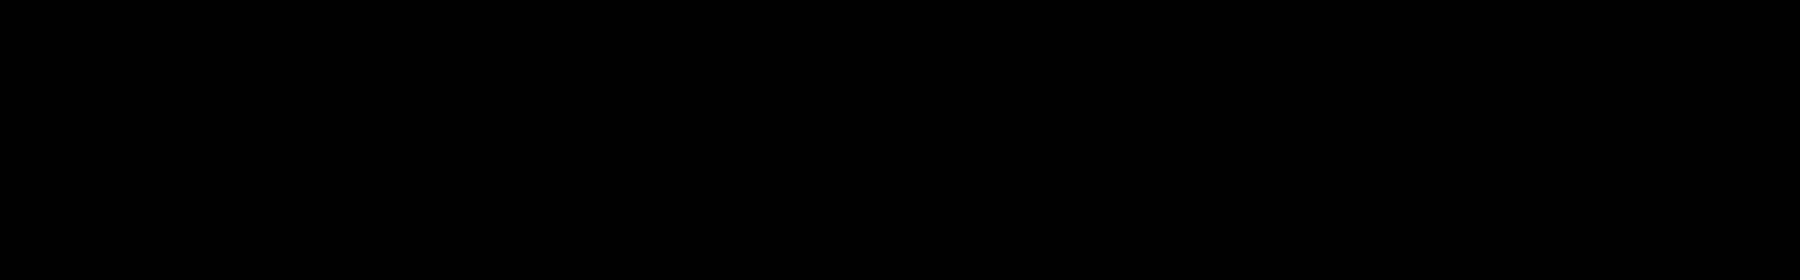 Luftrum 20 audio waveform